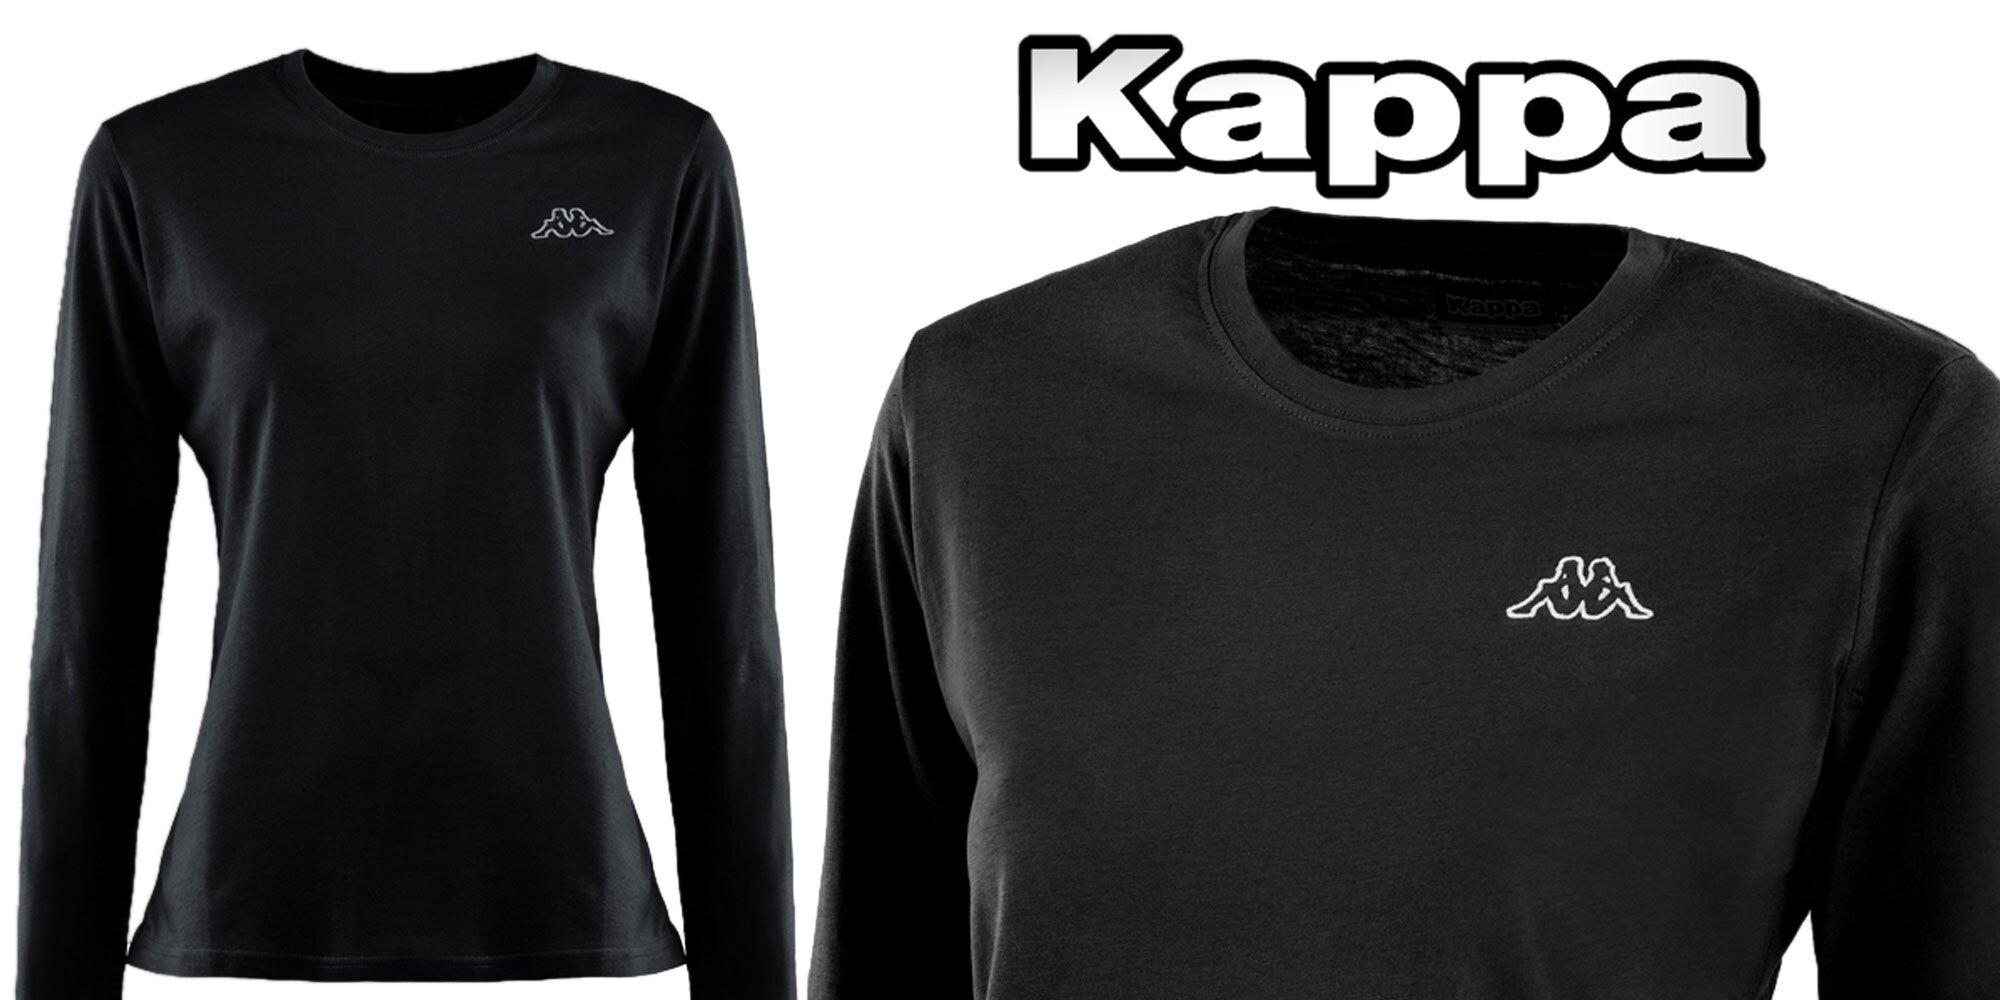 242c46f78f31 Športové dámske tričká značky Kappa